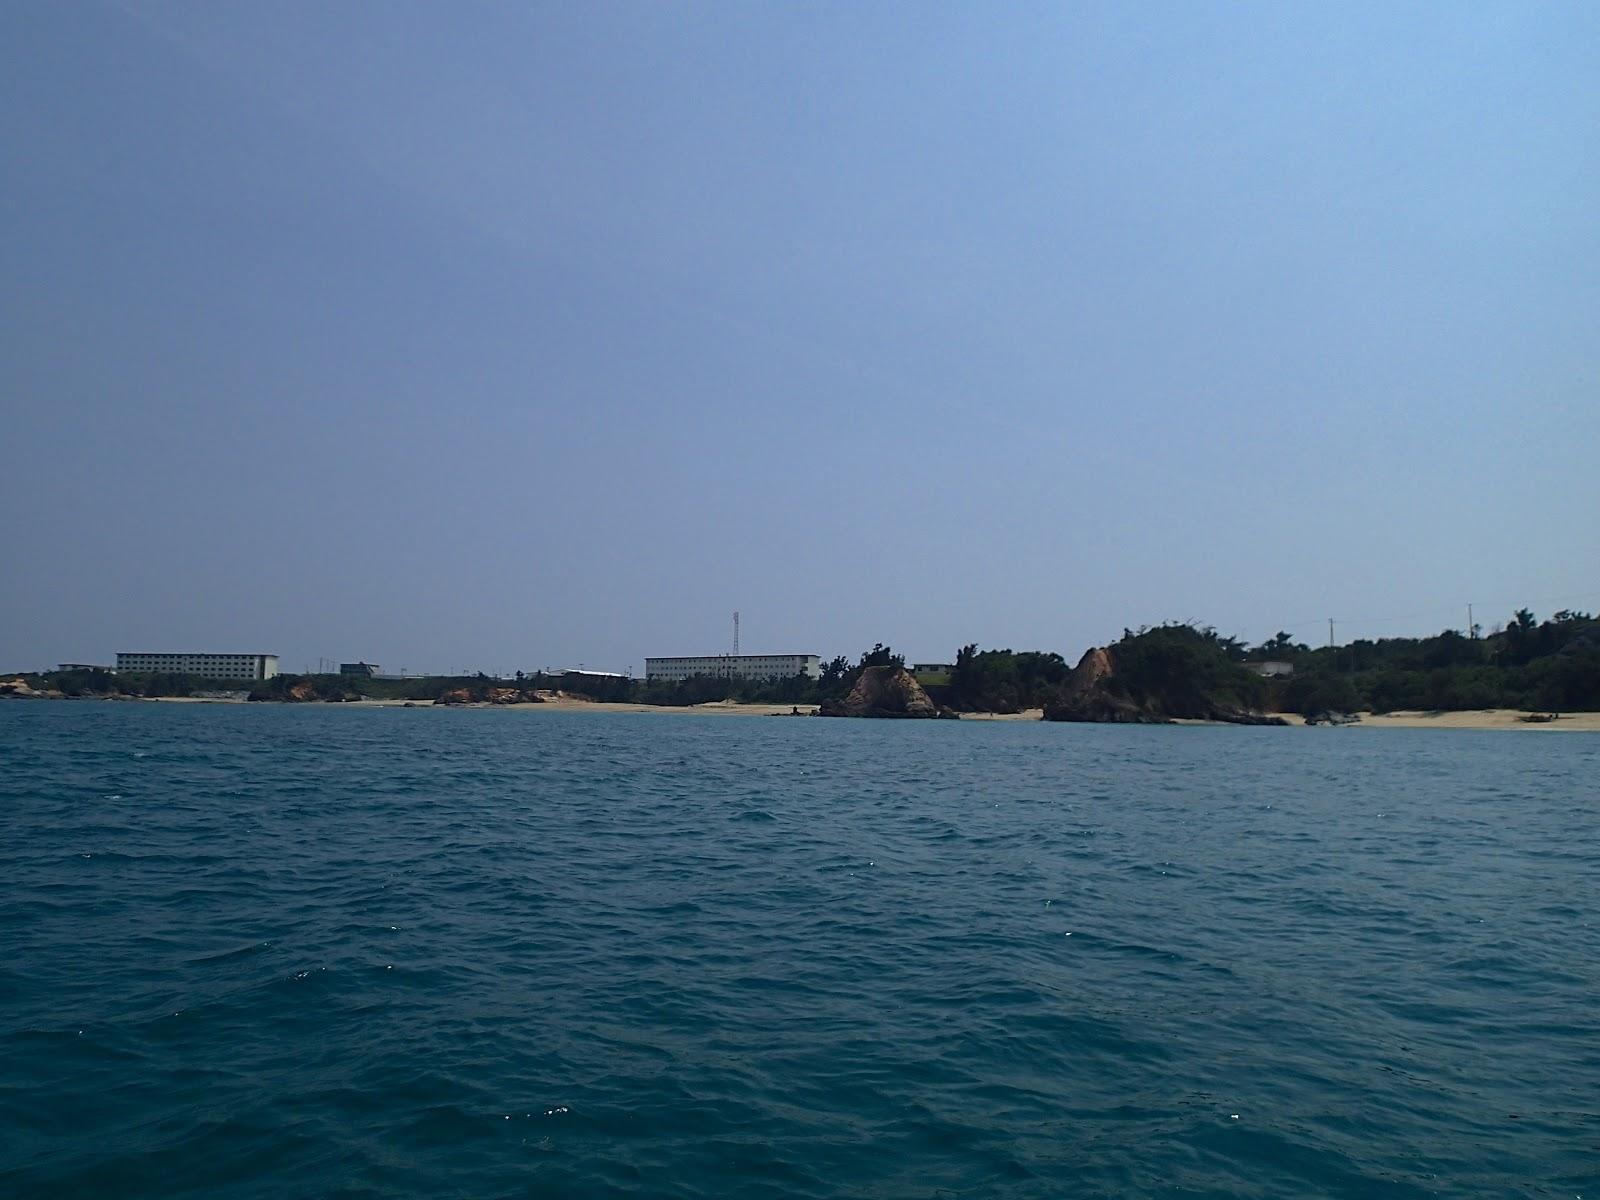 辺野古の海からアメリカの軍事基地:キャンプシュワブへの眺め